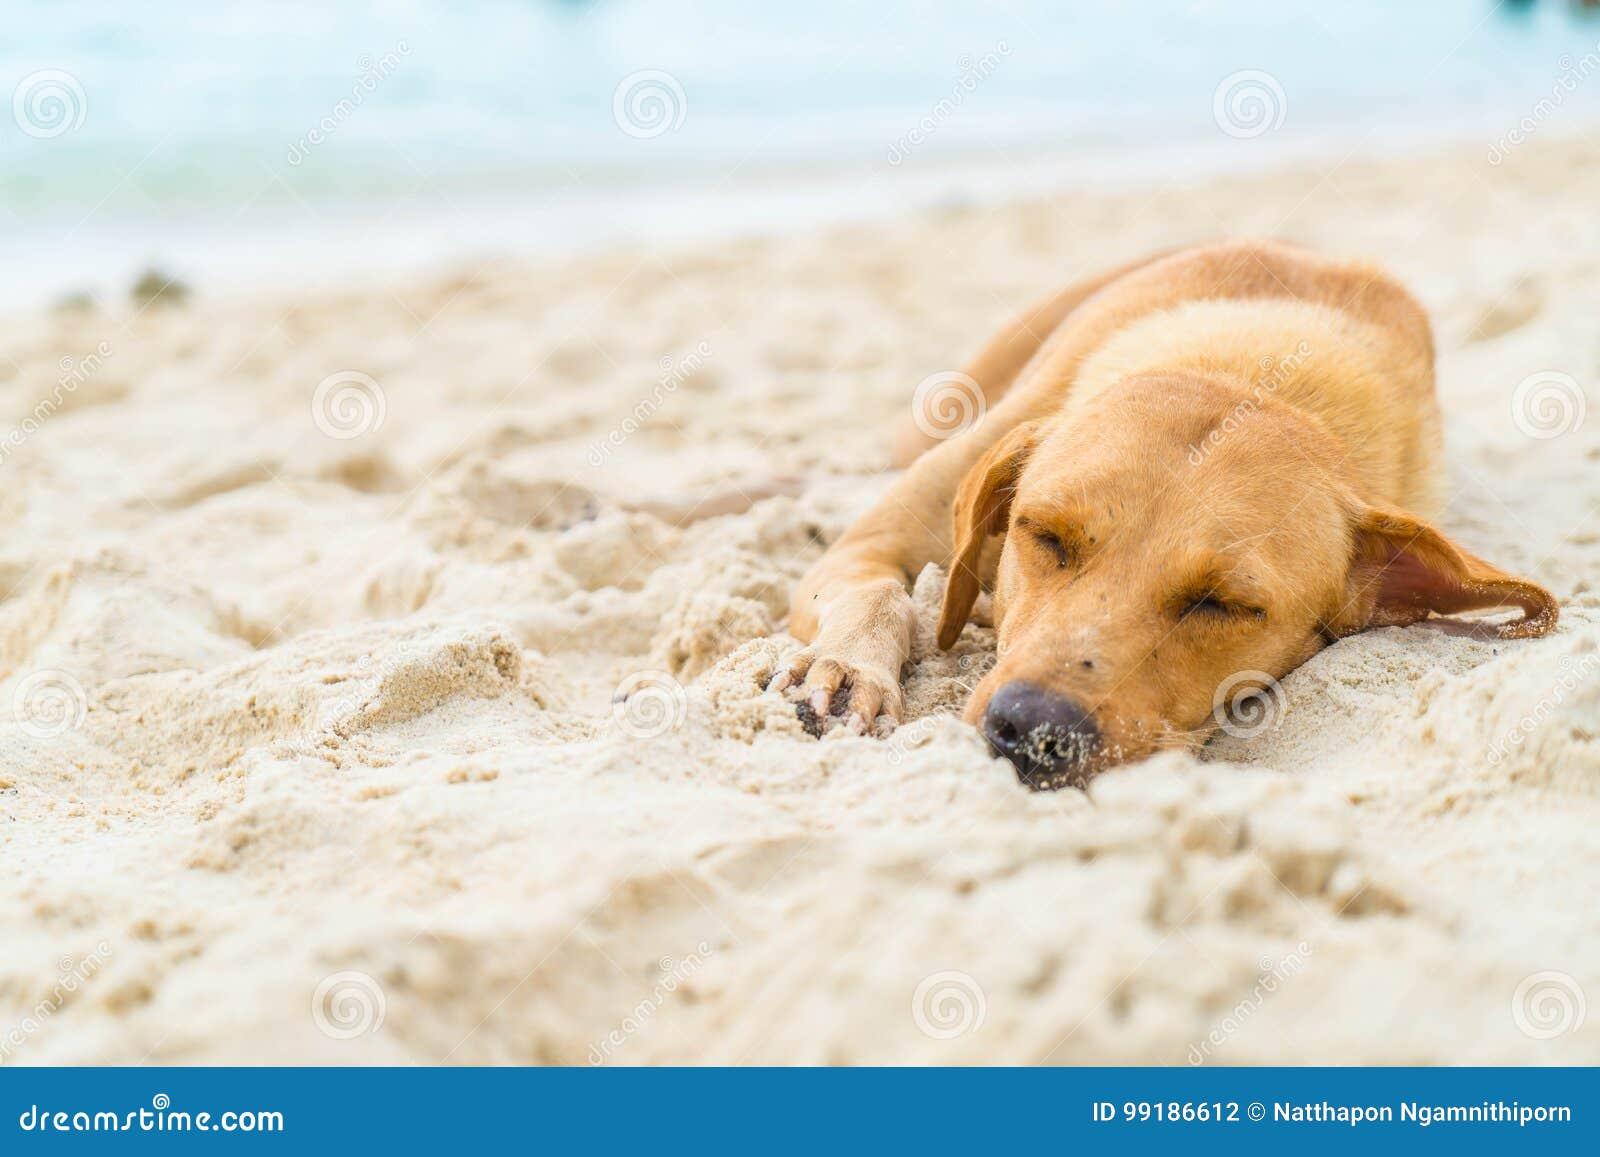 Sueño del perro en la playa